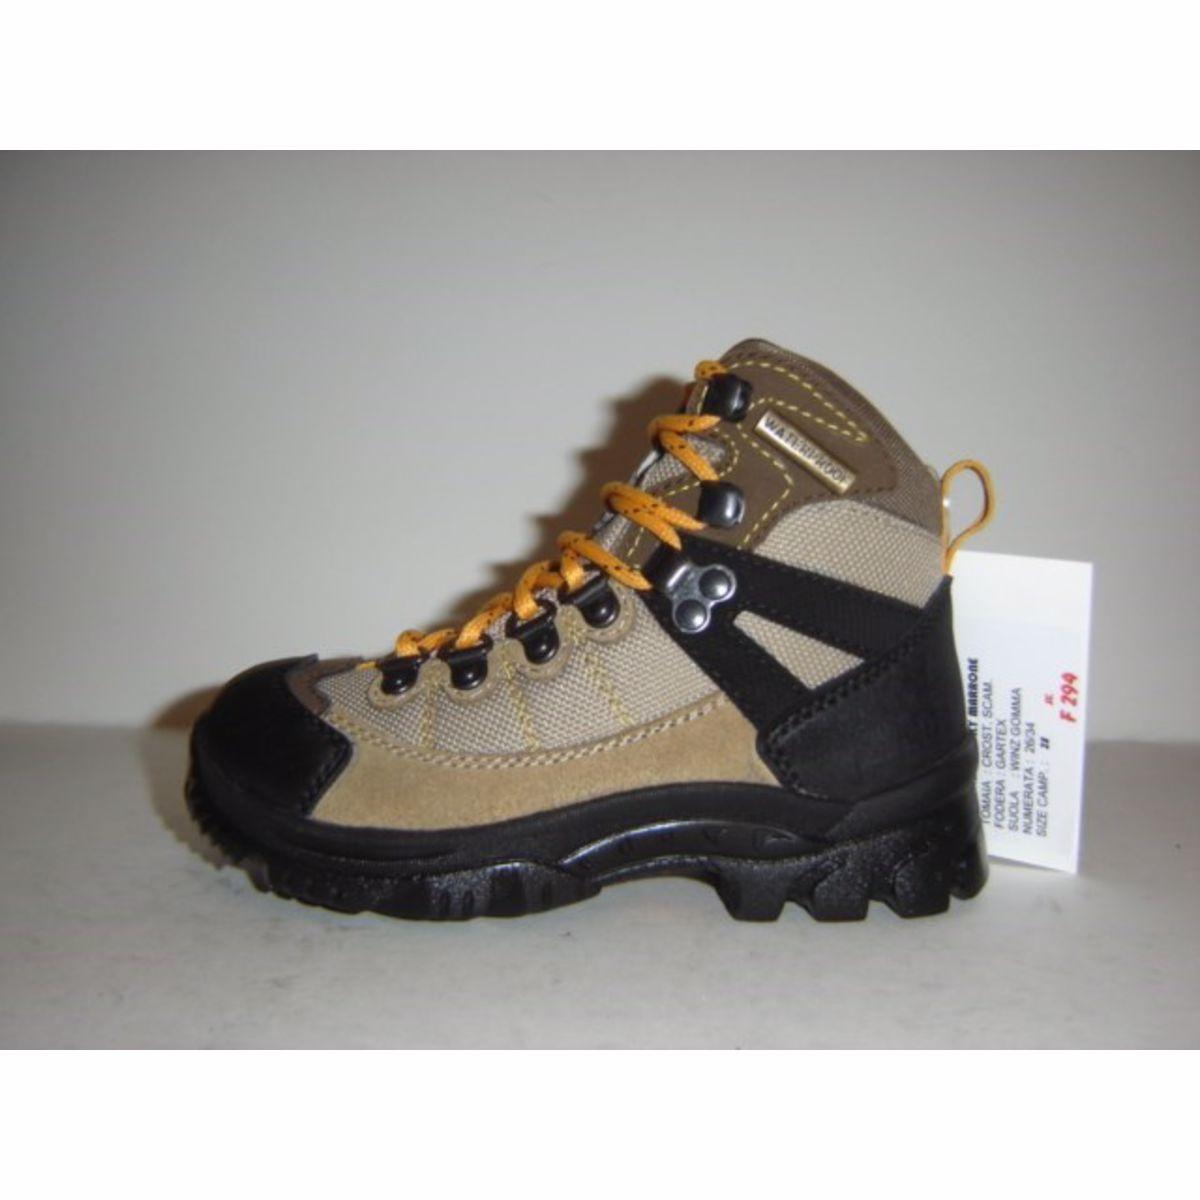 b398268a66b ... Detska turisticka obuv vysoká. GARMISCH JR WP GARMISCH JR WP